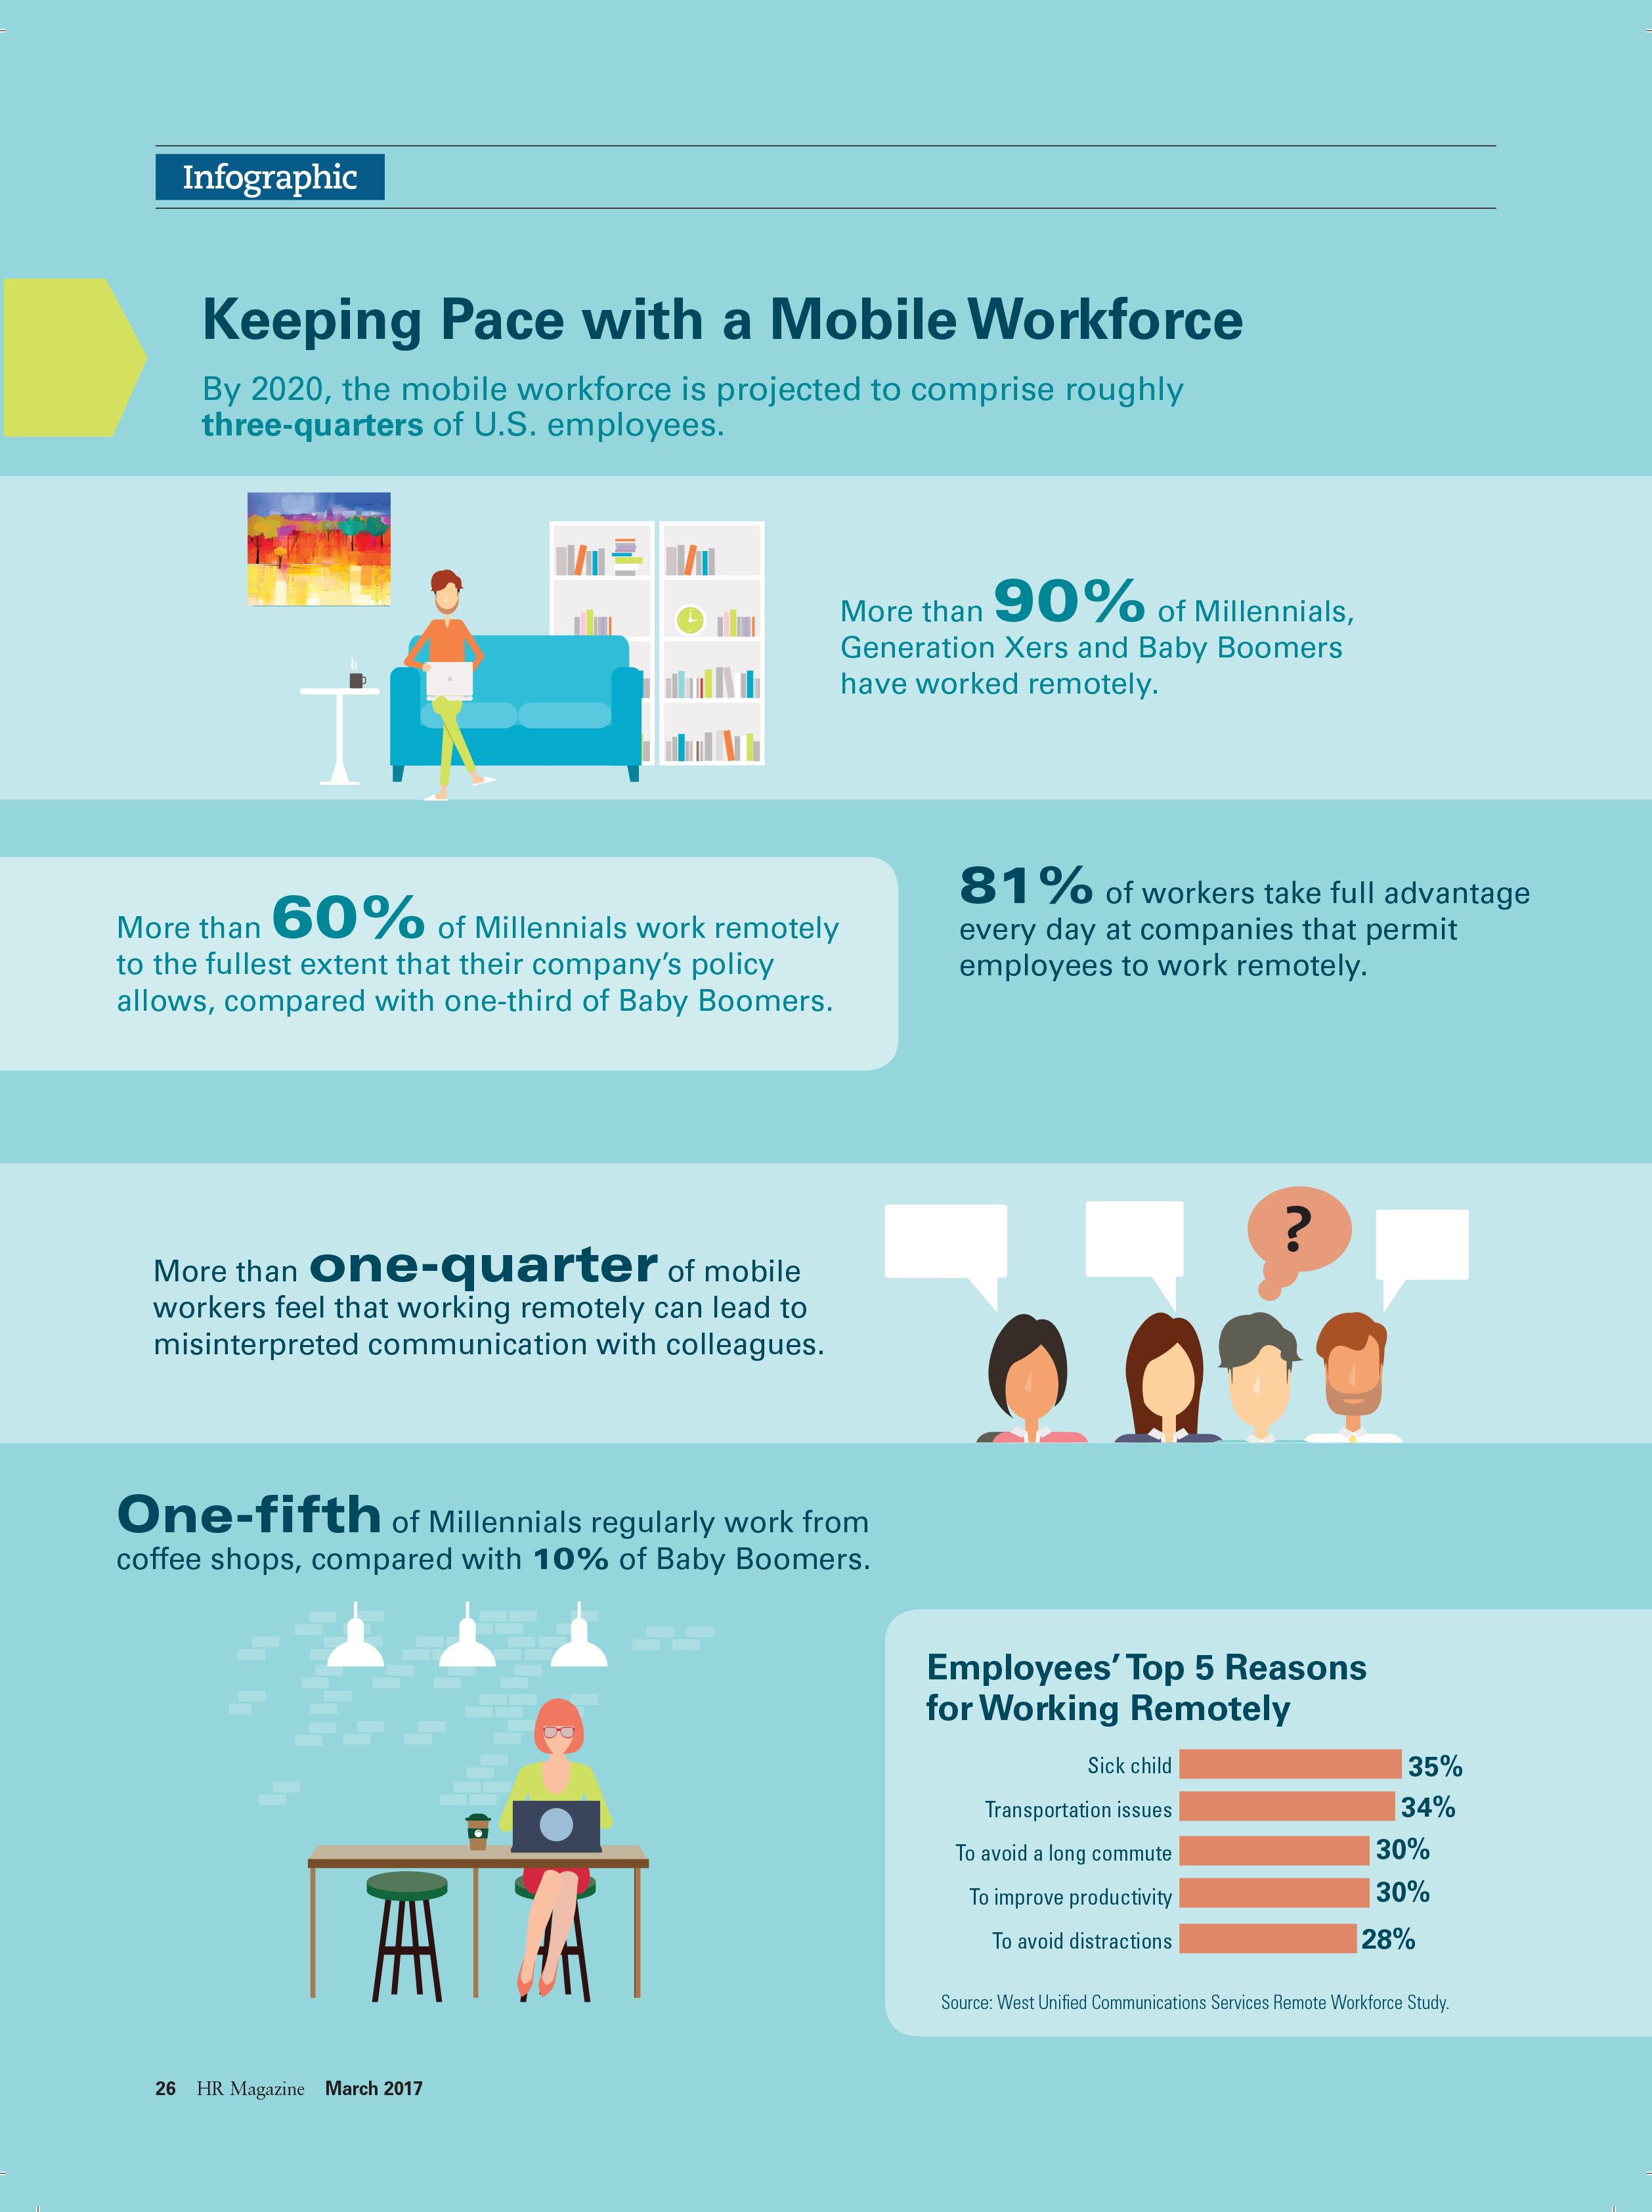 kpwamw-infographic